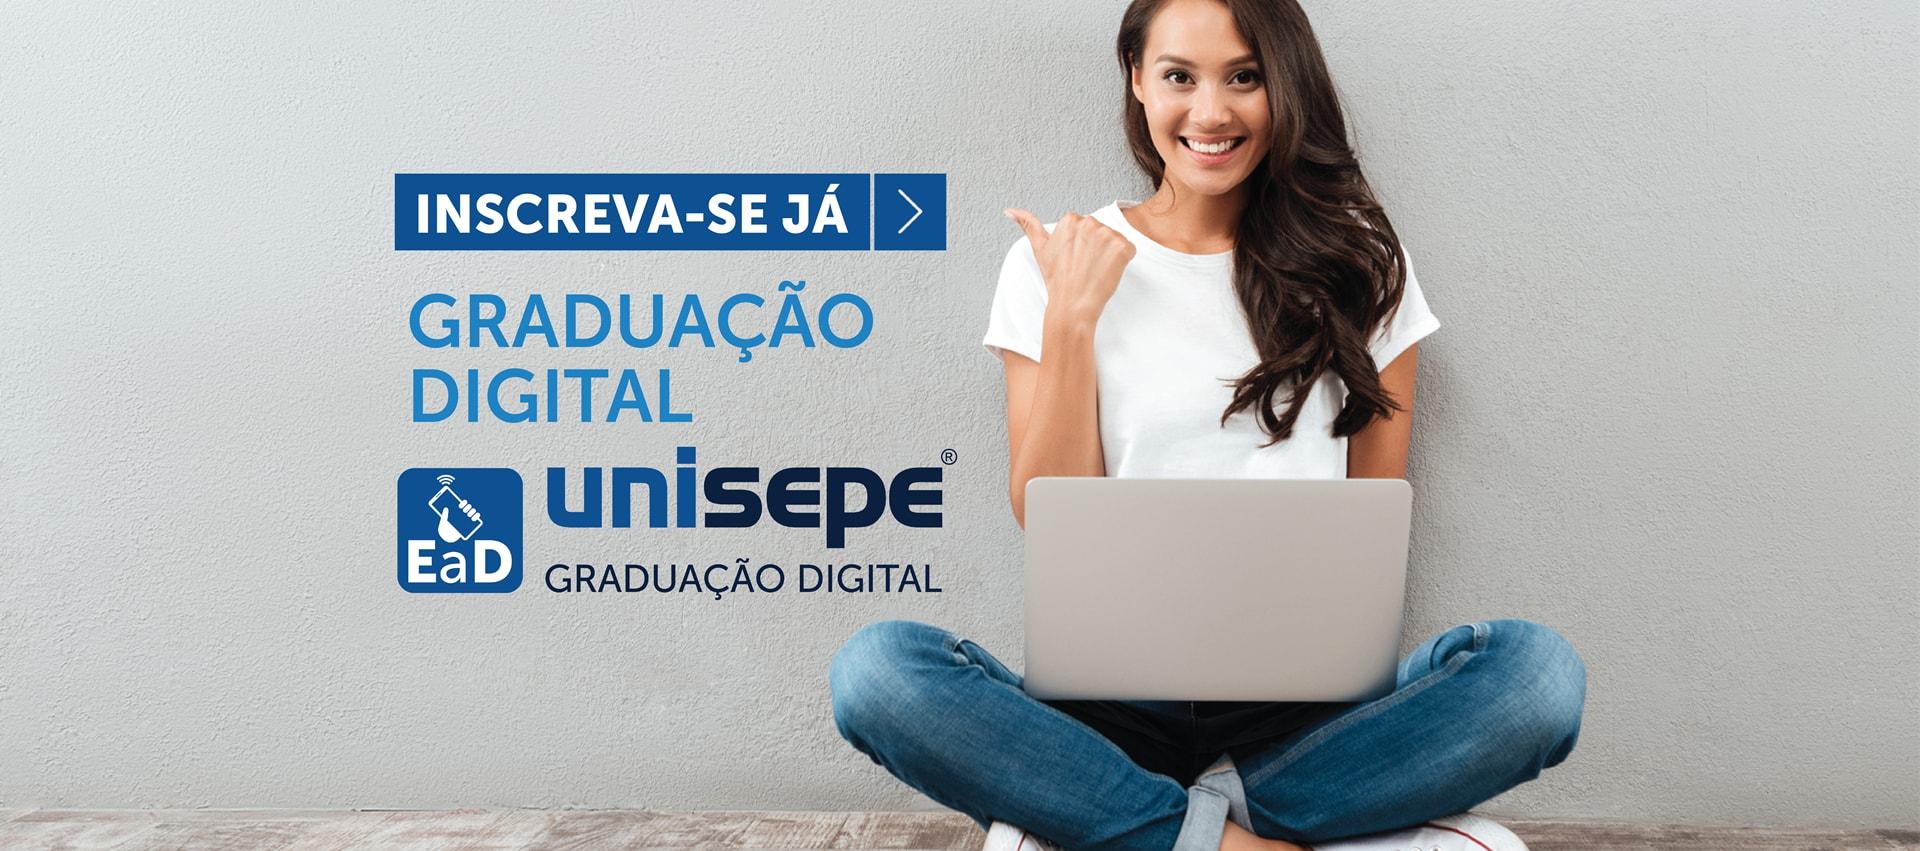 Graduação Digital inscreva-se já - Graduação digital | UNISEPE